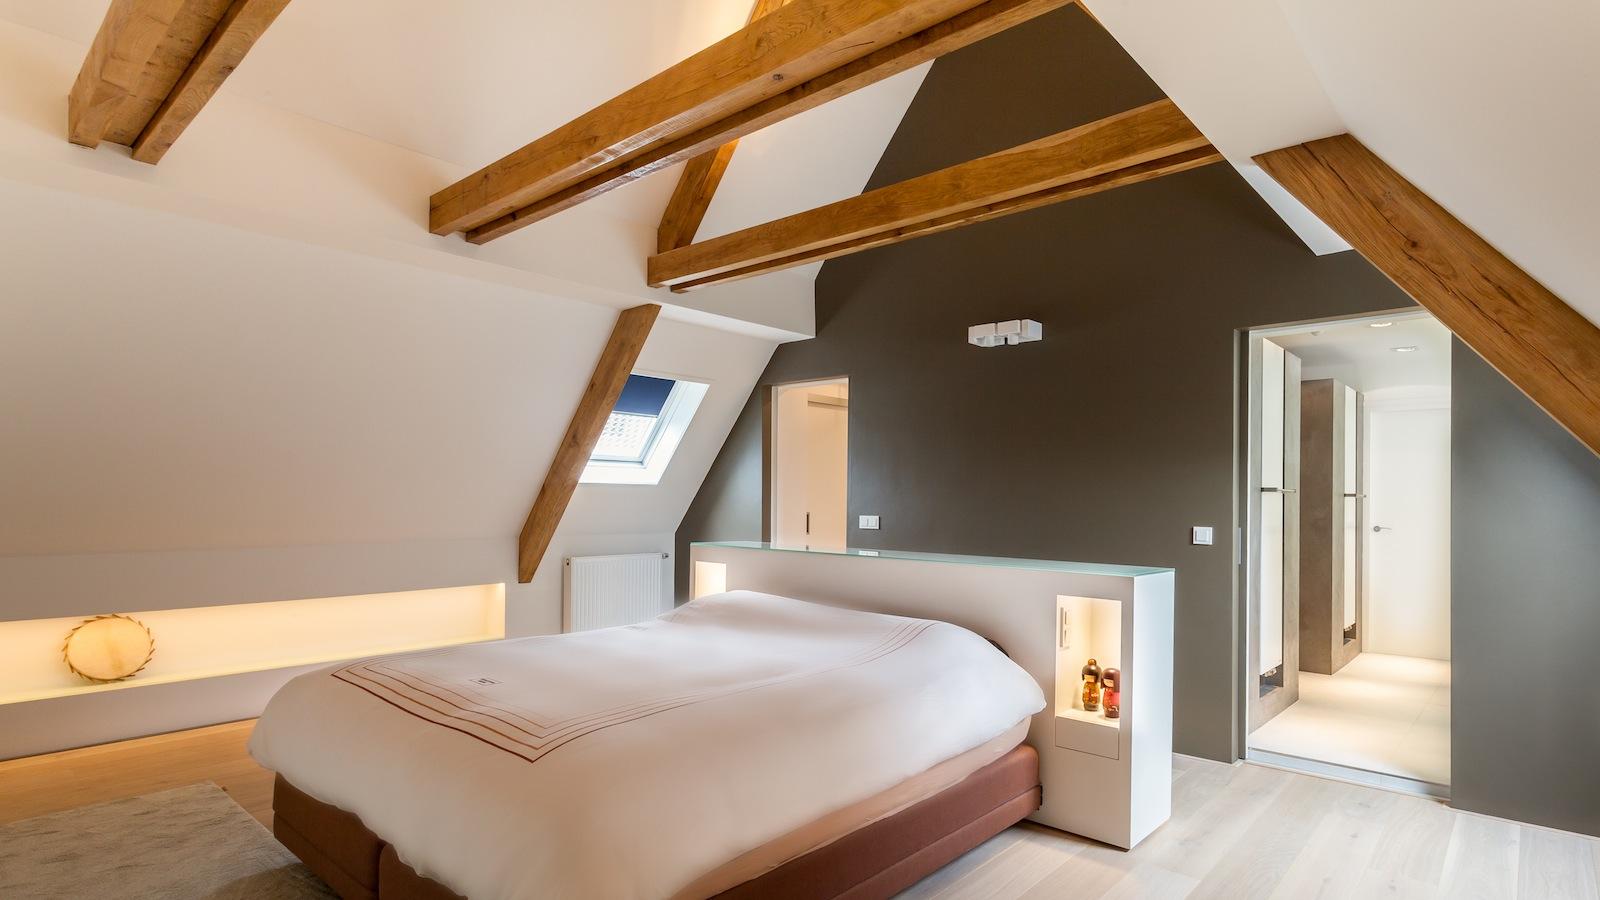 Badkamer Met Slaapkamer : Slaapkamer met aangrenzend badkamer woonforum